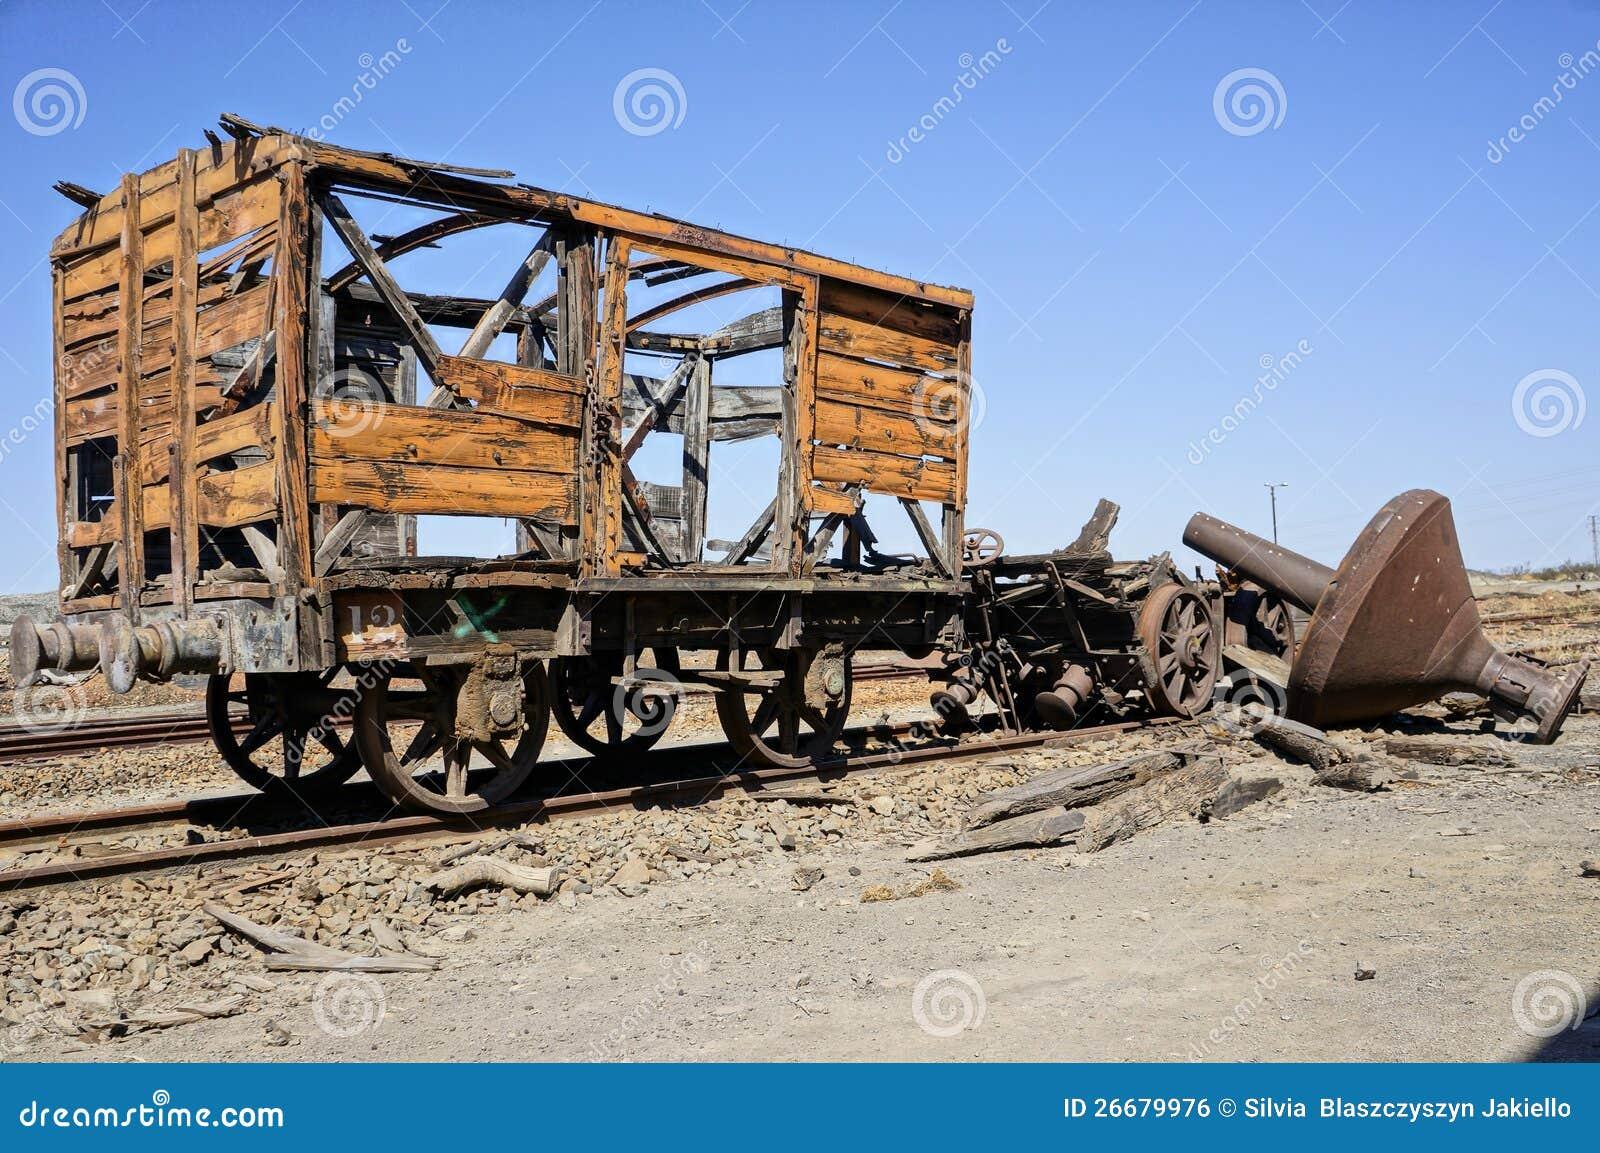 Les vieux équipements transportent le chariot.